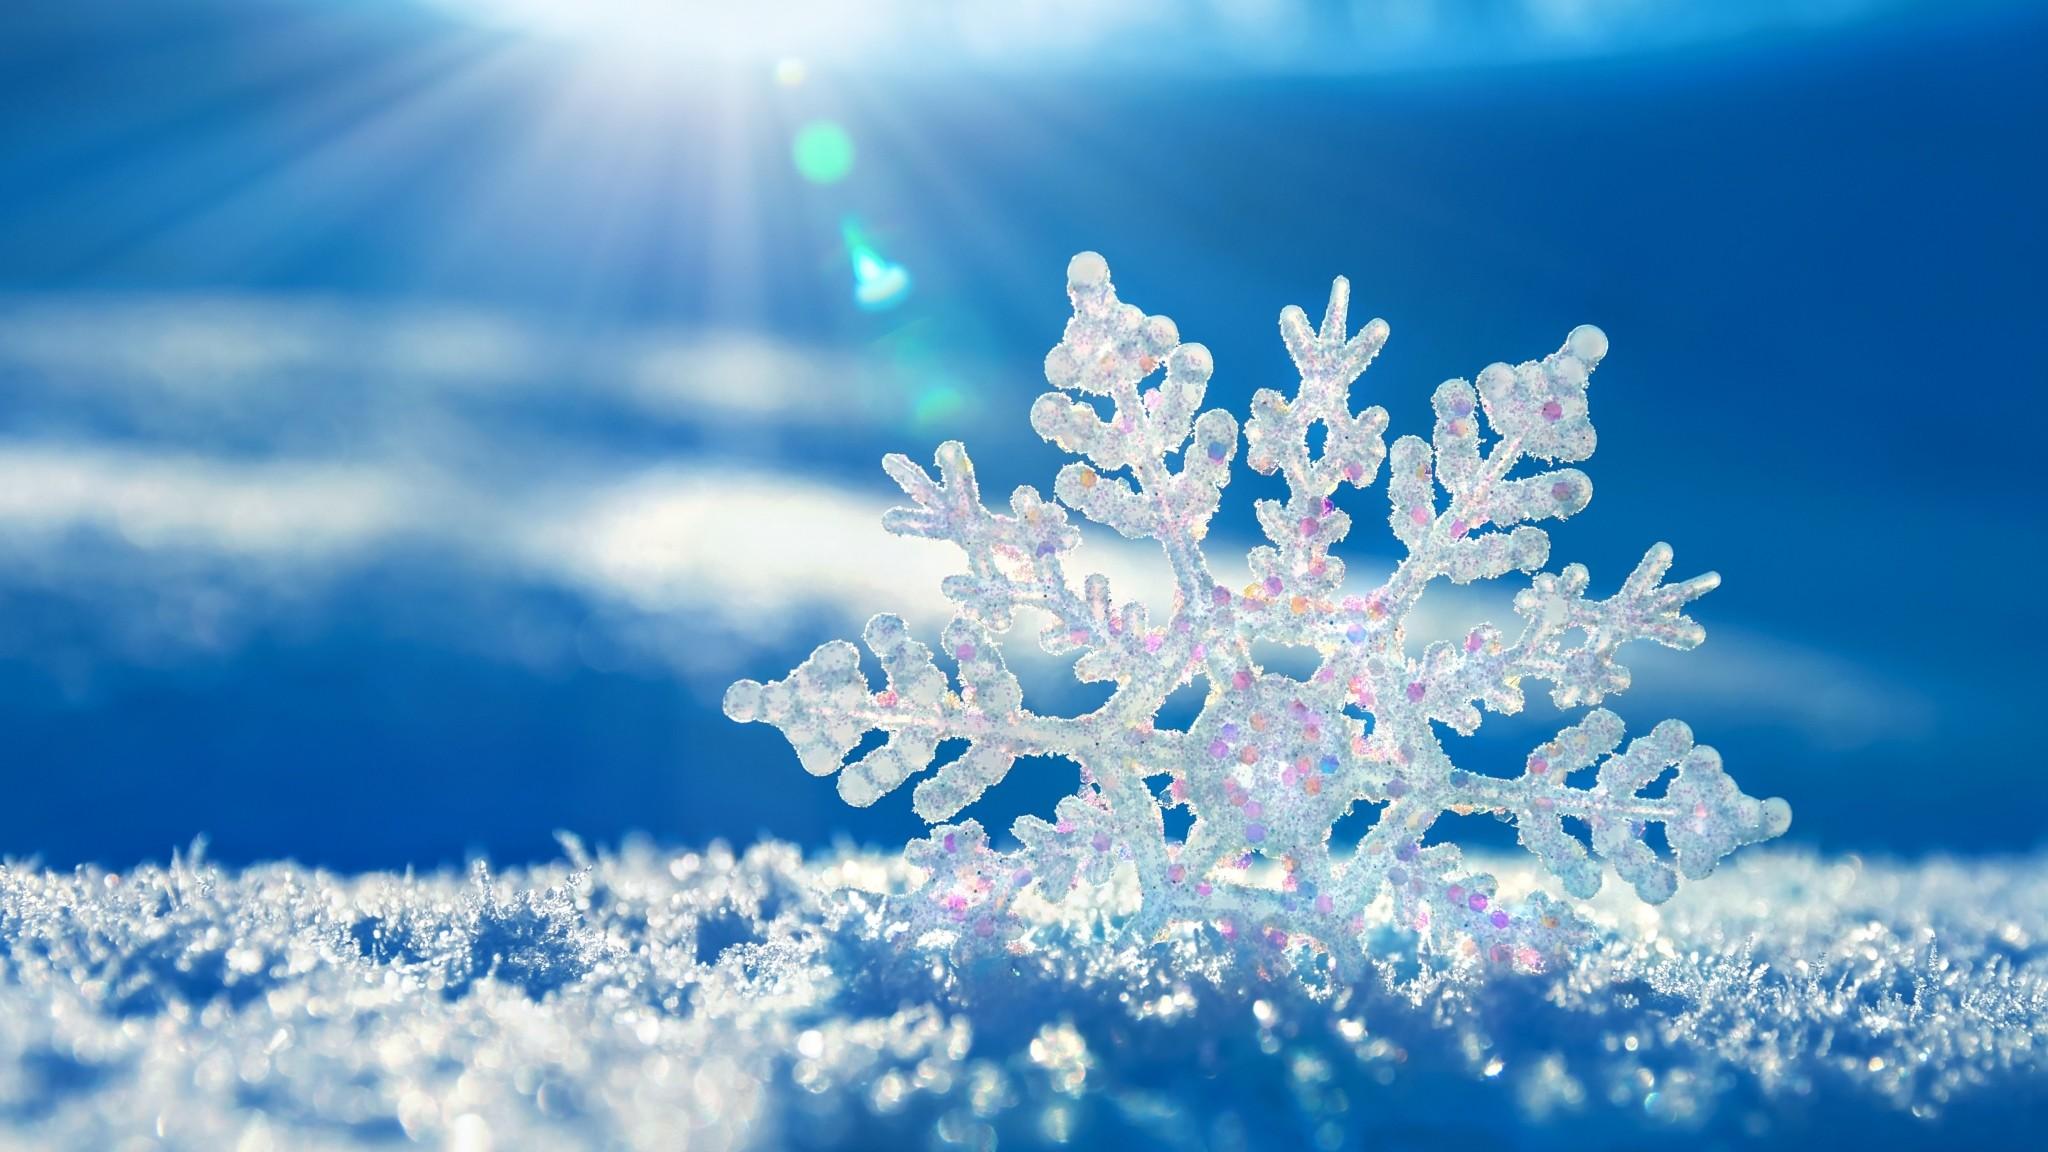 Preview wallpaper snow, snowflake, winter 2048×1152